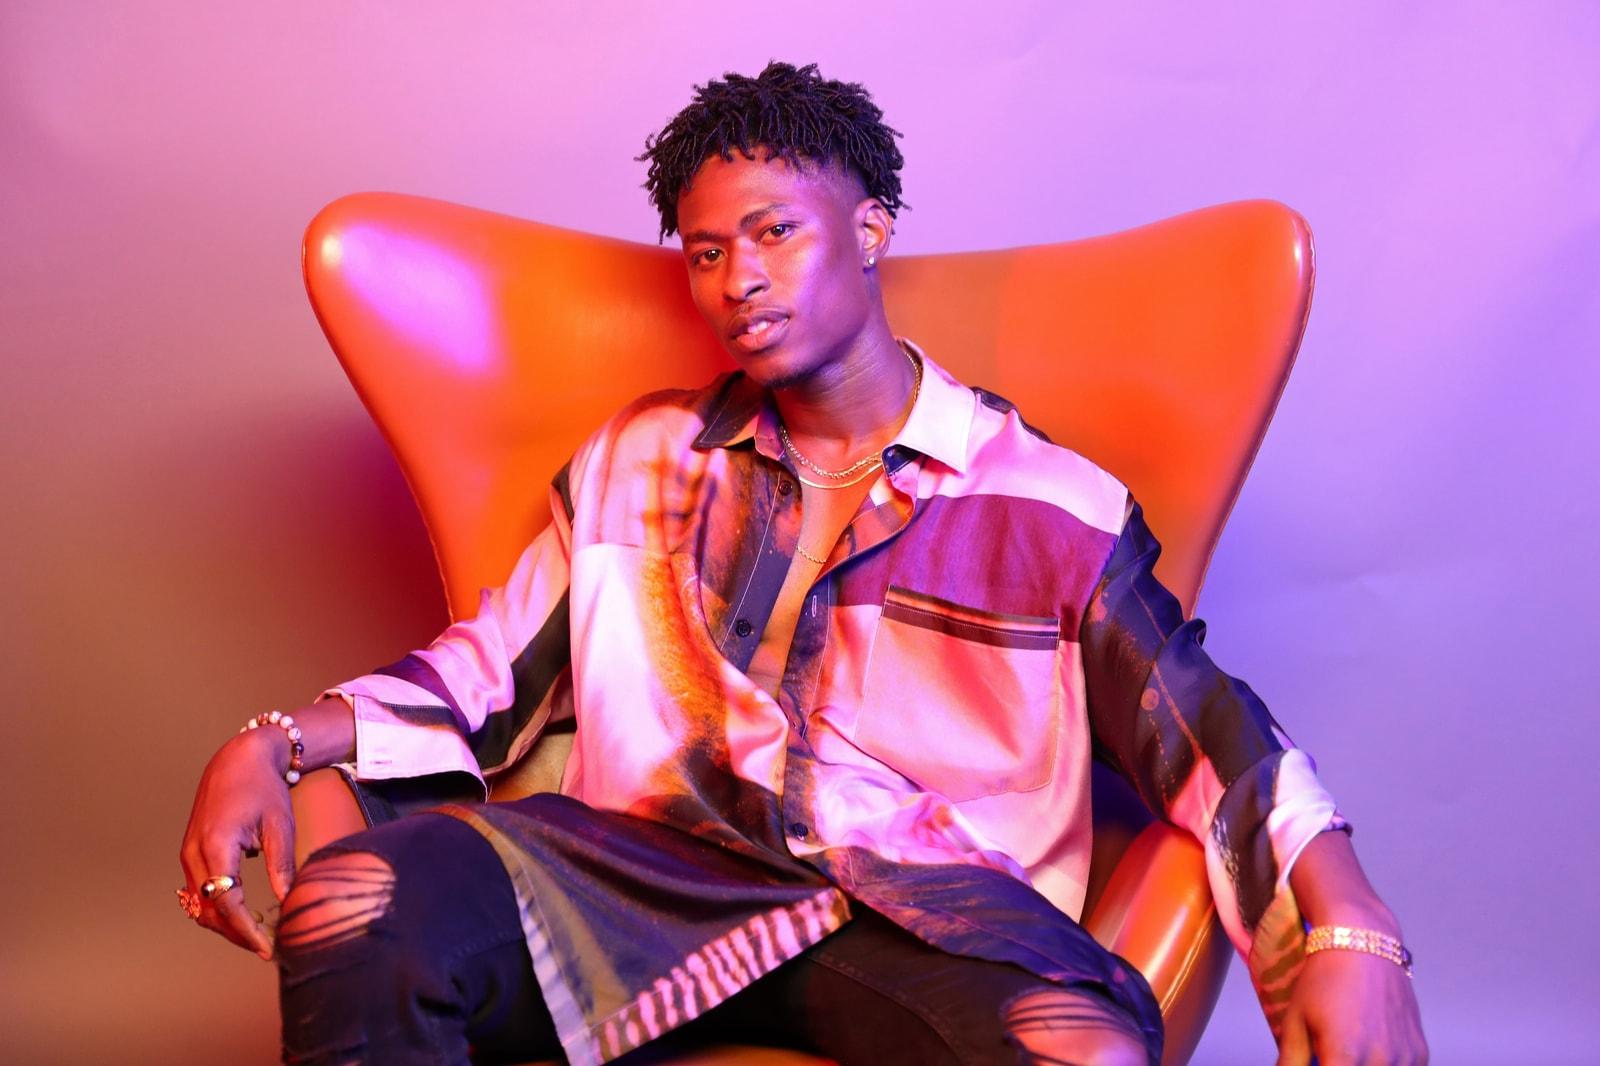 在 R&B 回歸的關鍵時期,Lucky Daye 希望成為推動變革的「引擎」|HB 專訪